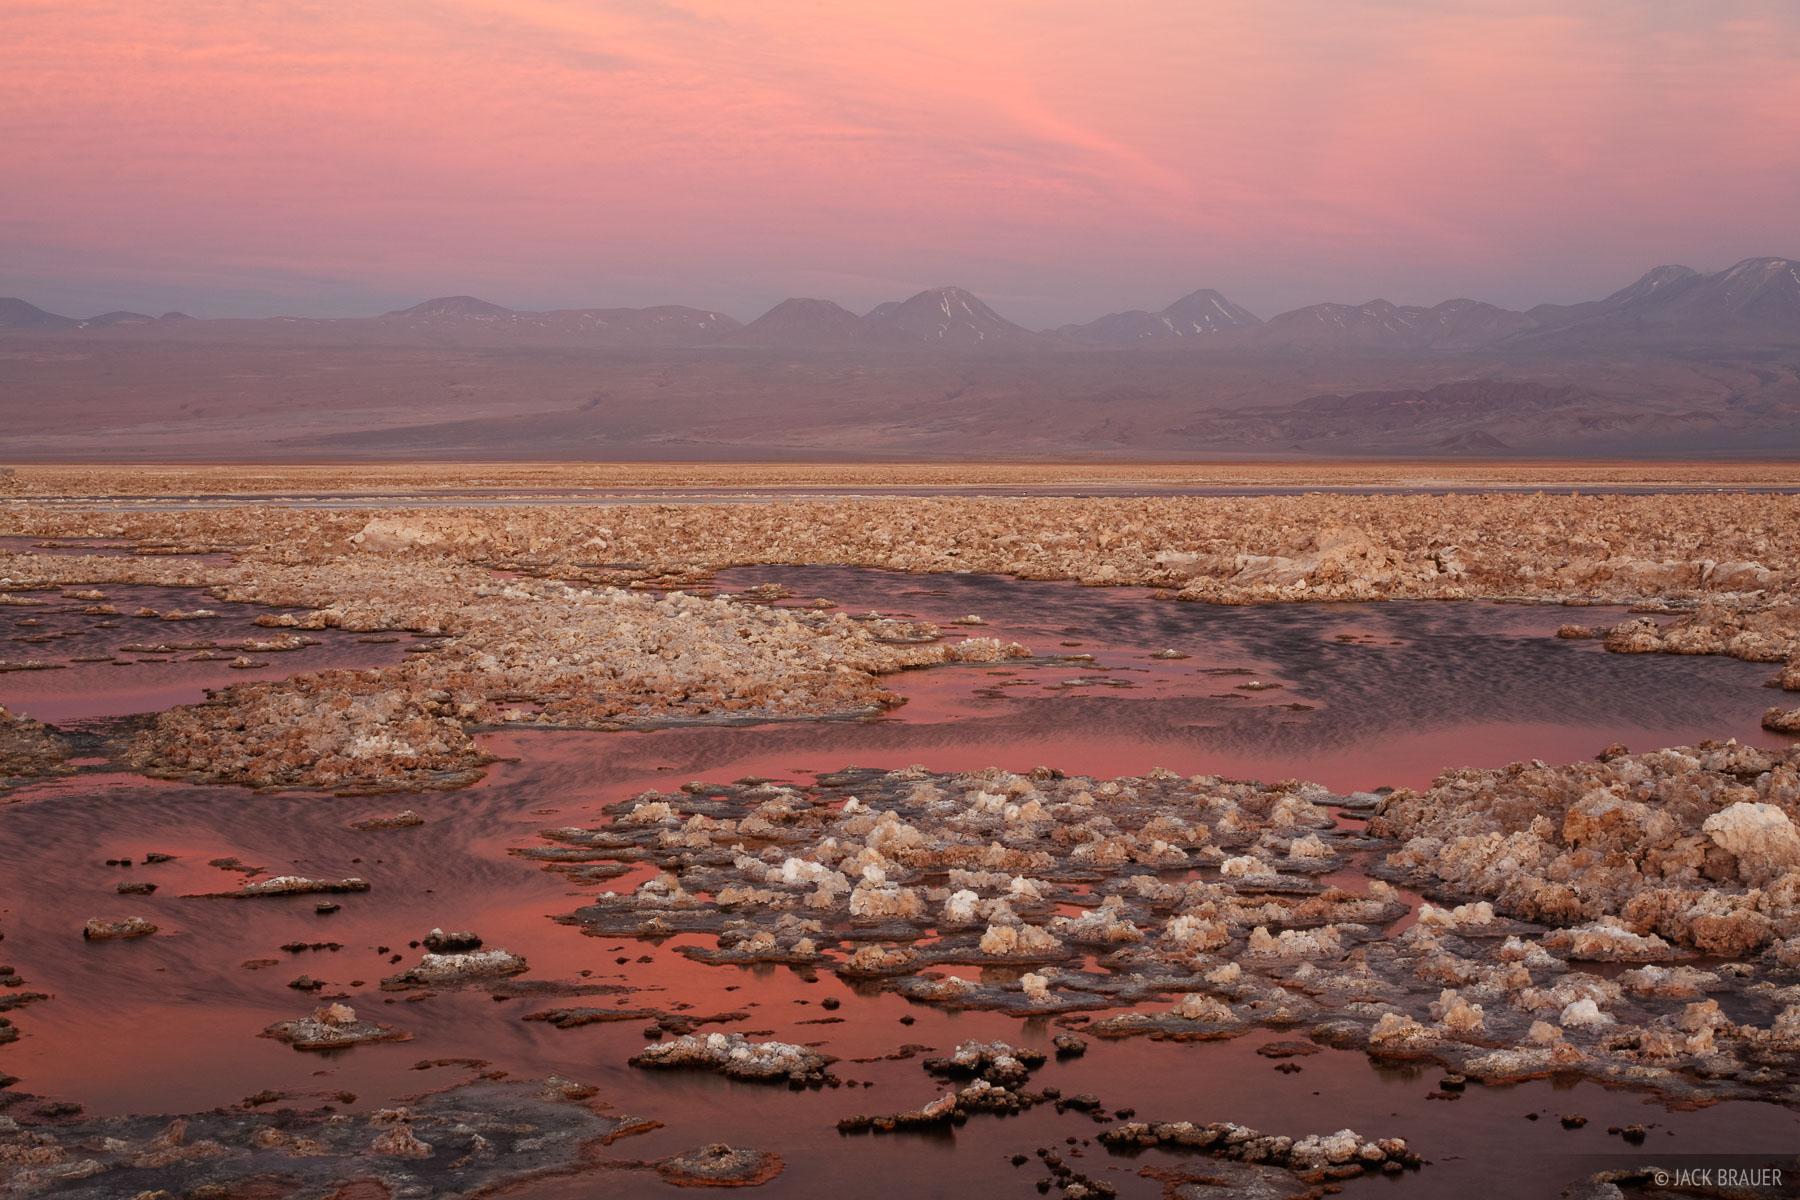 A mellow sunset at Laguna Chaxa in the Salar de Atacama giant salt flat near San Pedro de Atacama.